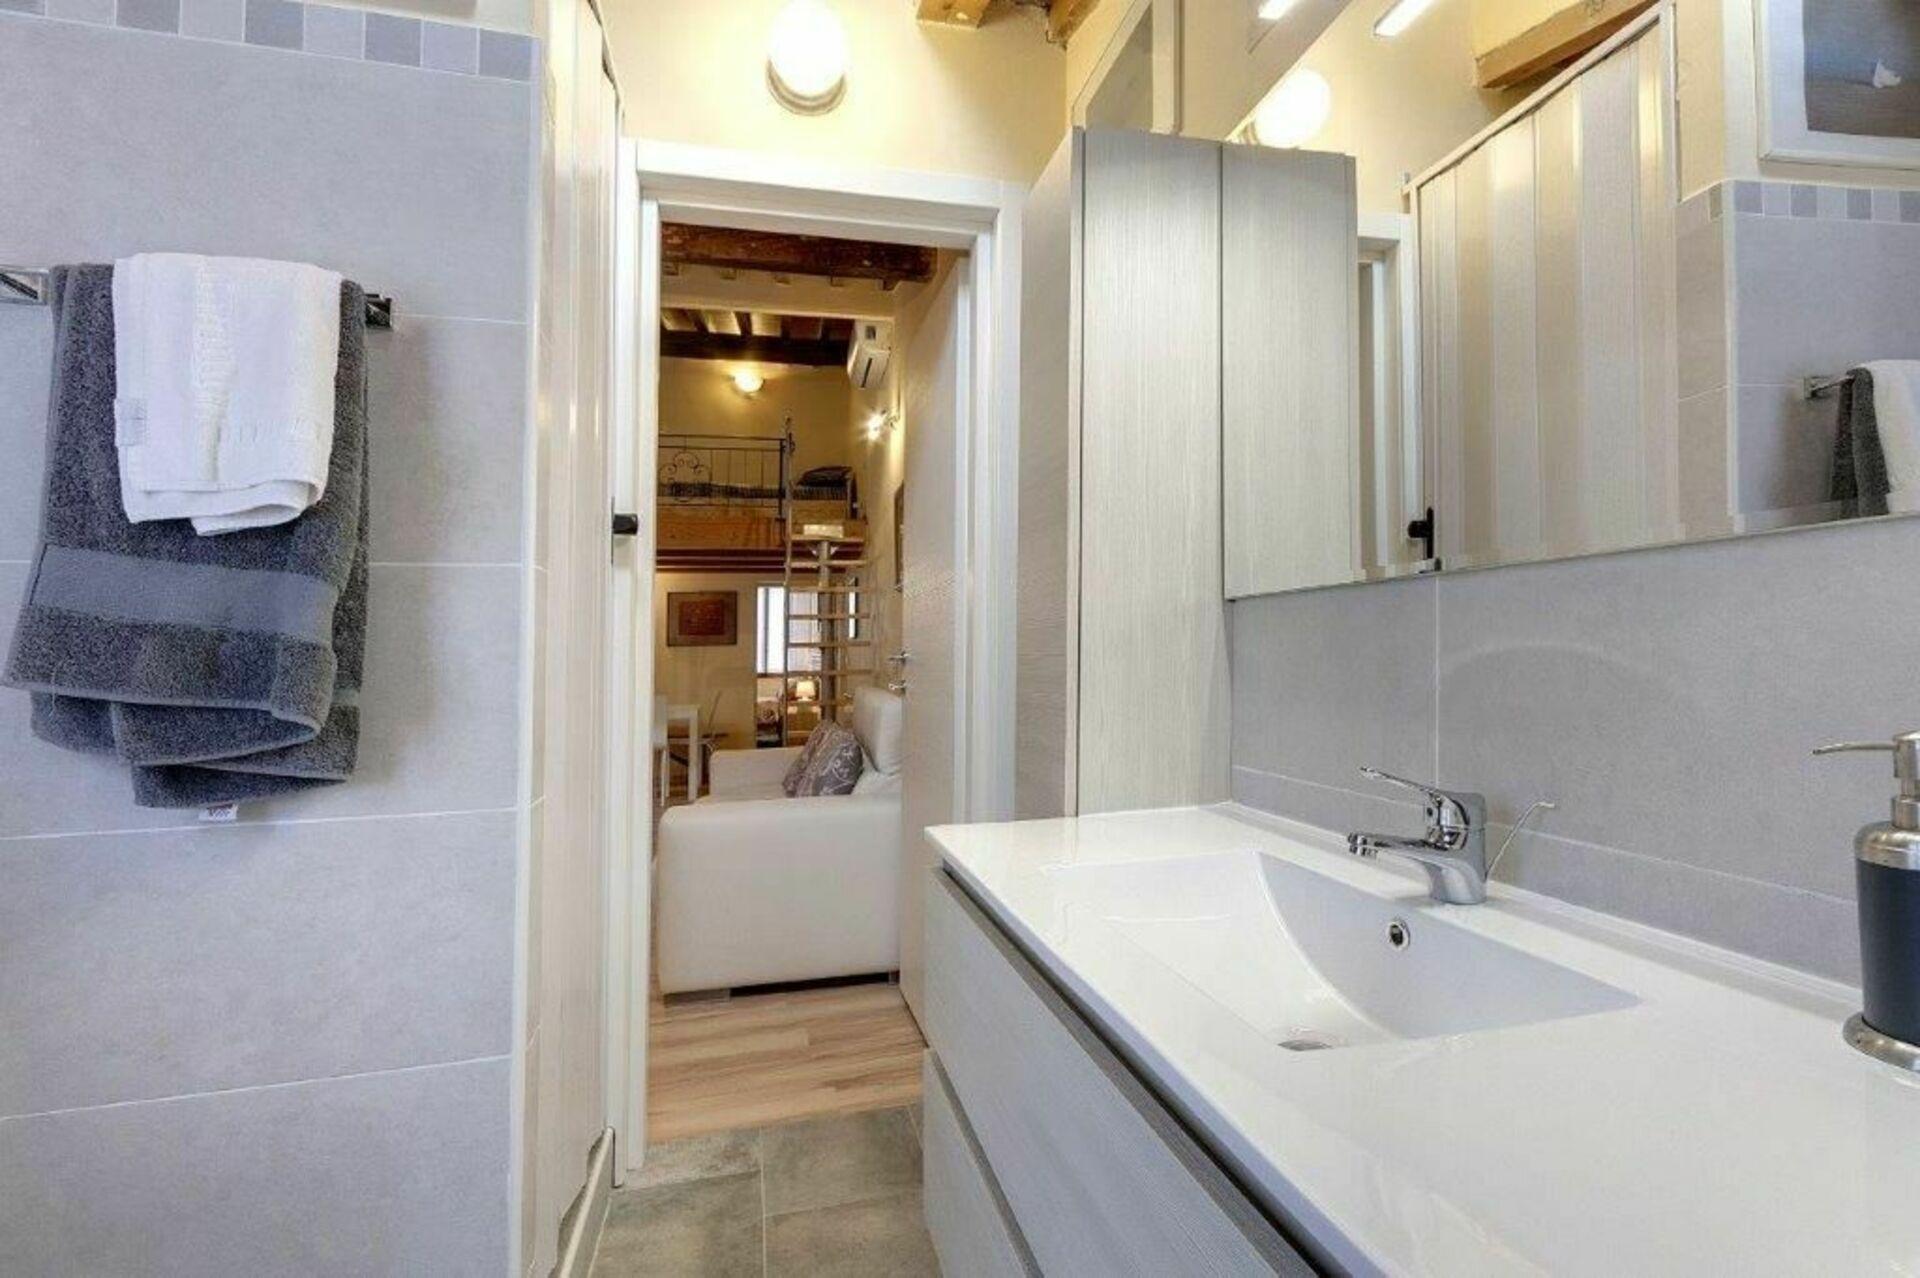 monna lisa stadtwohnung in florenz toskana 7 schlafpl tze und 2 schlafzimmer stadtwohnung. Black Bedroom Furniture Sets. Home Design Ideas